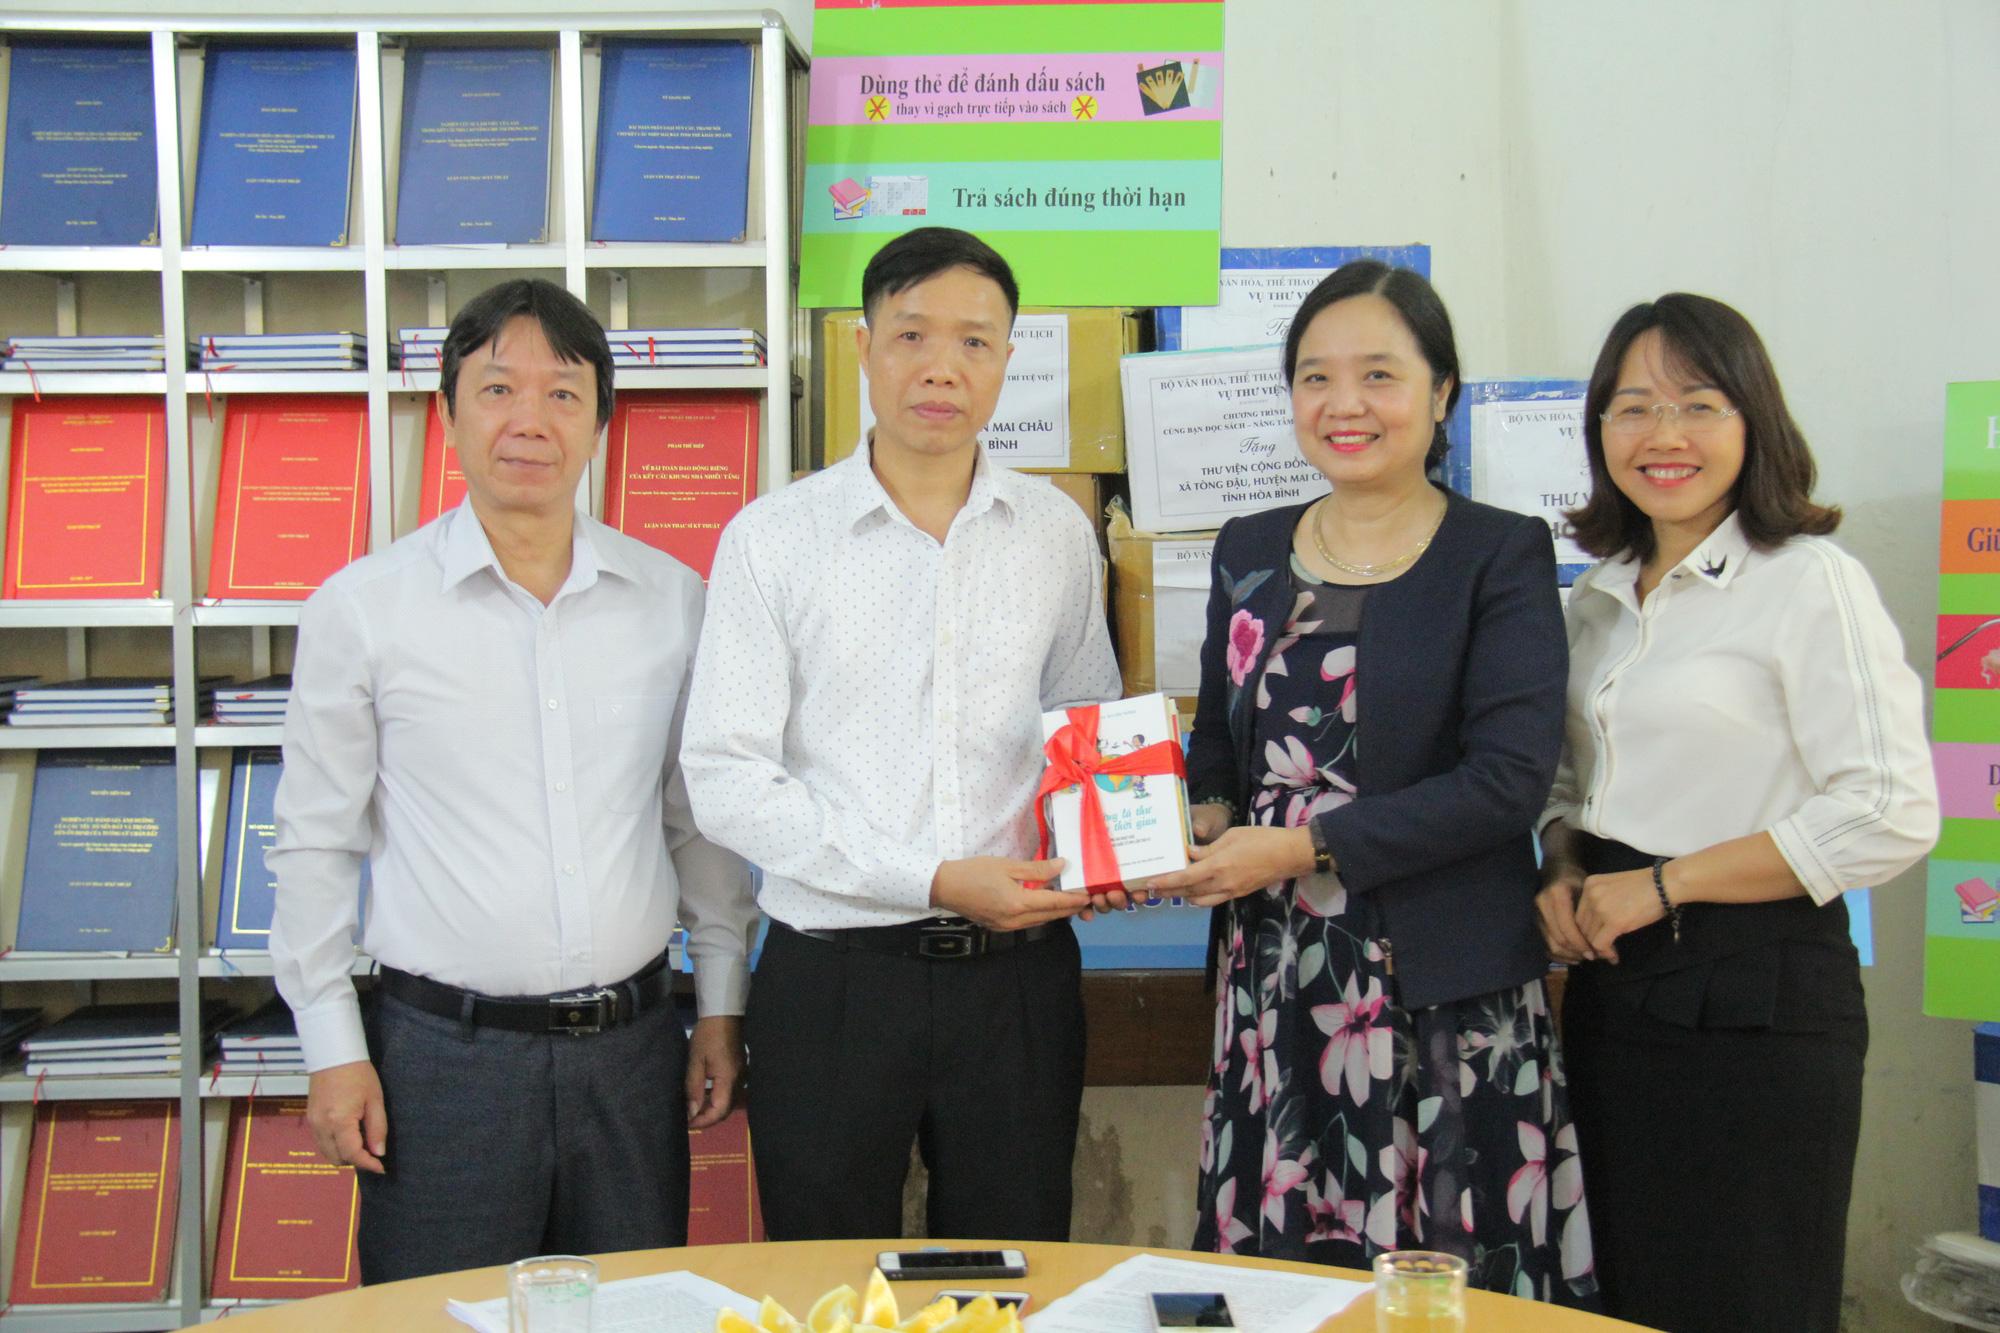 Trao tặng hơn 4.000 đầu sách cho các thư viện, trường học tỉnh Hòa Bình - Ảnh 2.